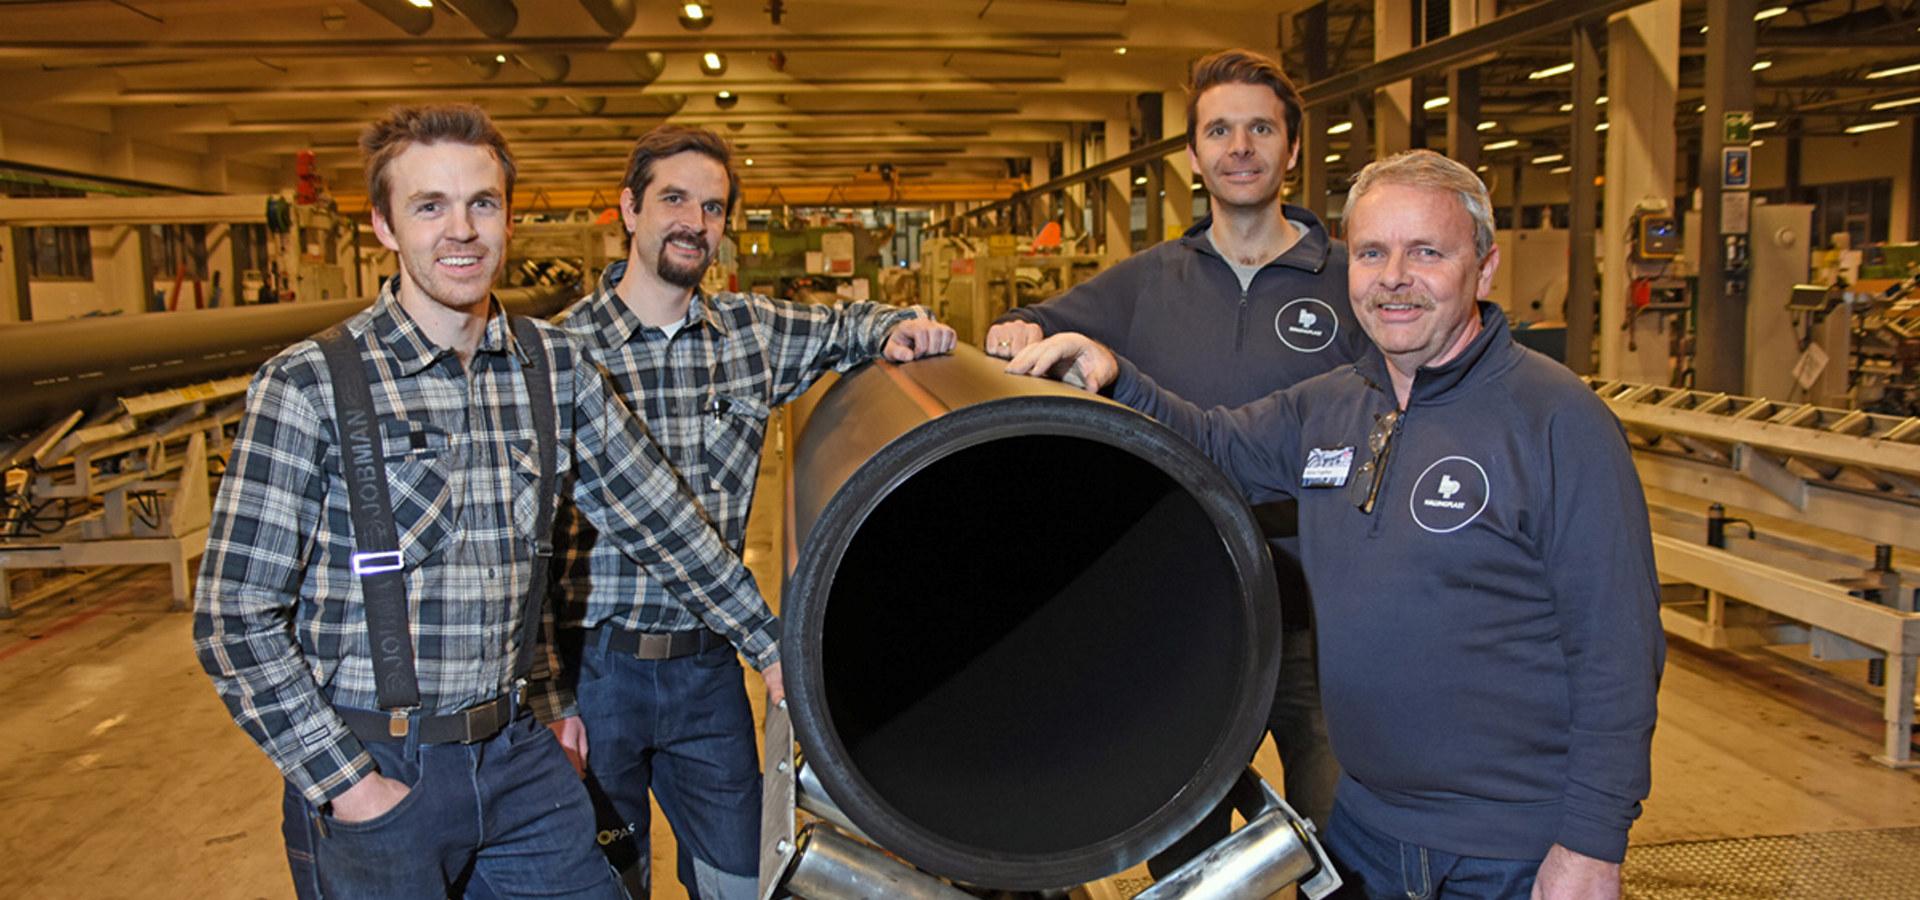 Steinar Tragethon (t.h) sammen med sønnene fra venstre Anders, Kåre og Sverre, som nå kommer inn på eiersiden i Hallingplast AS.